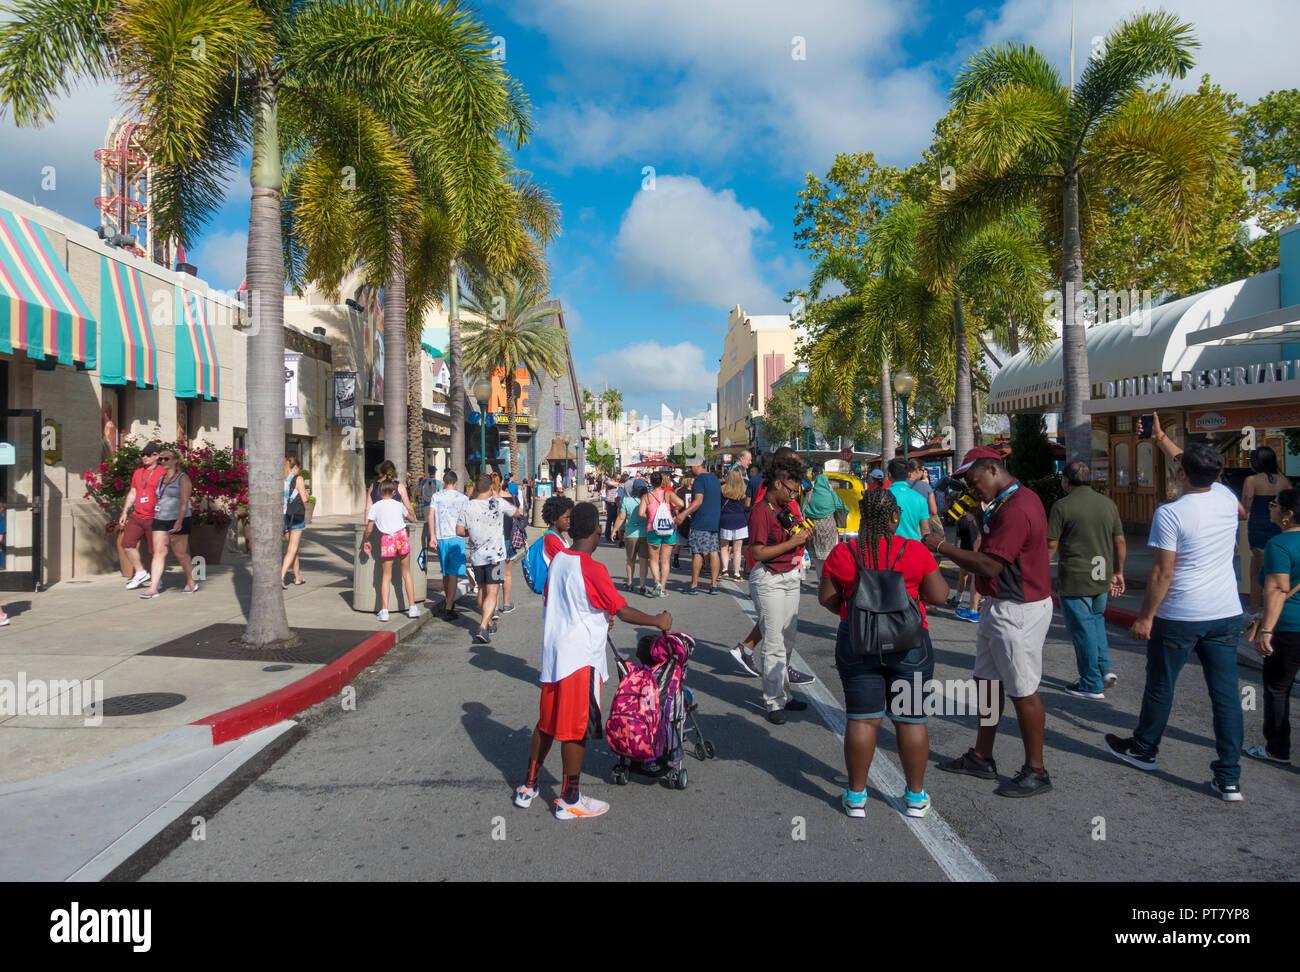 Die Produktion zentralen Bereich von Universal Studios Theme Park in Orlando, Florida. Stockbild